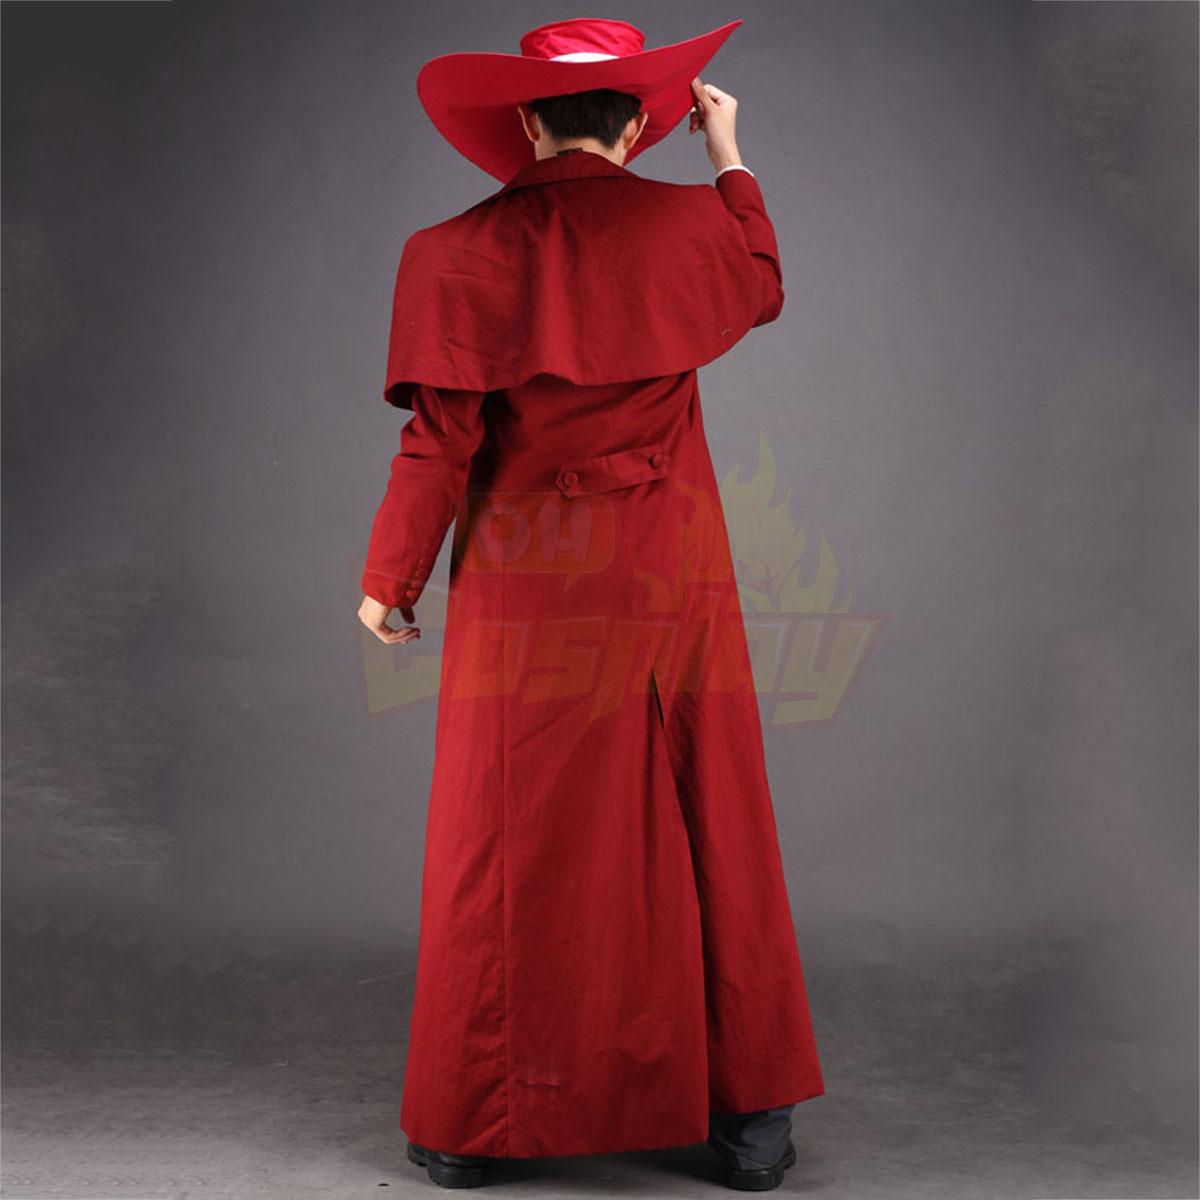 ديلوكس هلسينغ الرئيسية Alucard 1 الأحمر كوزبلاي ازياء